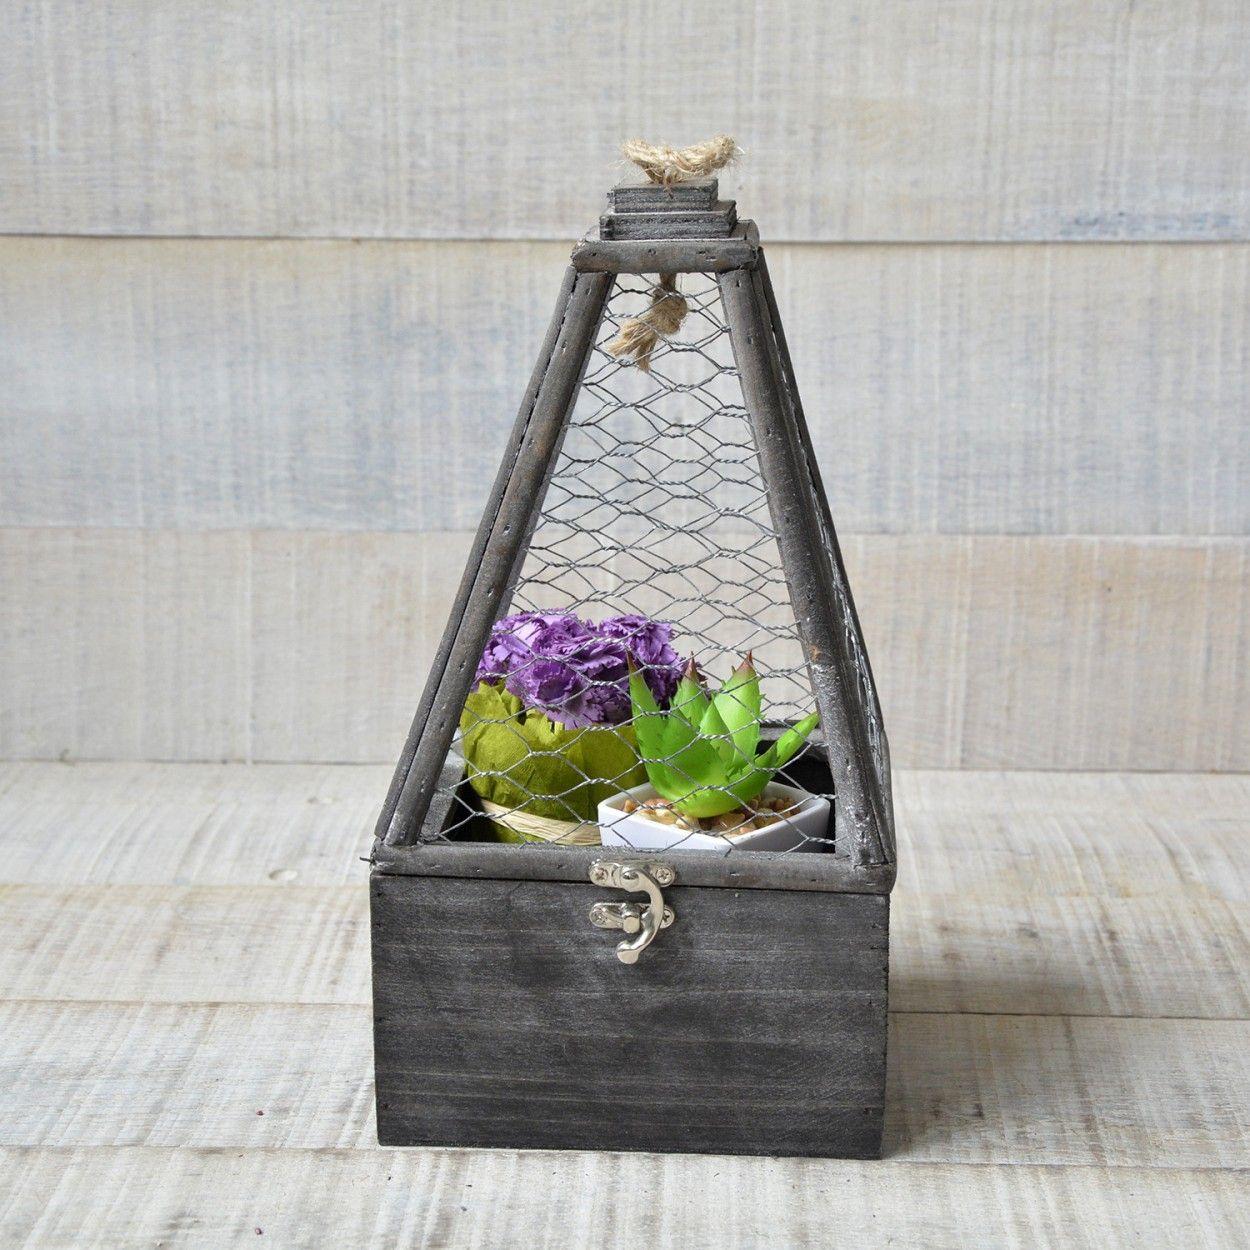 Jaulas para decoraci n en madera natural dise o original - Decoracion original hogar ...